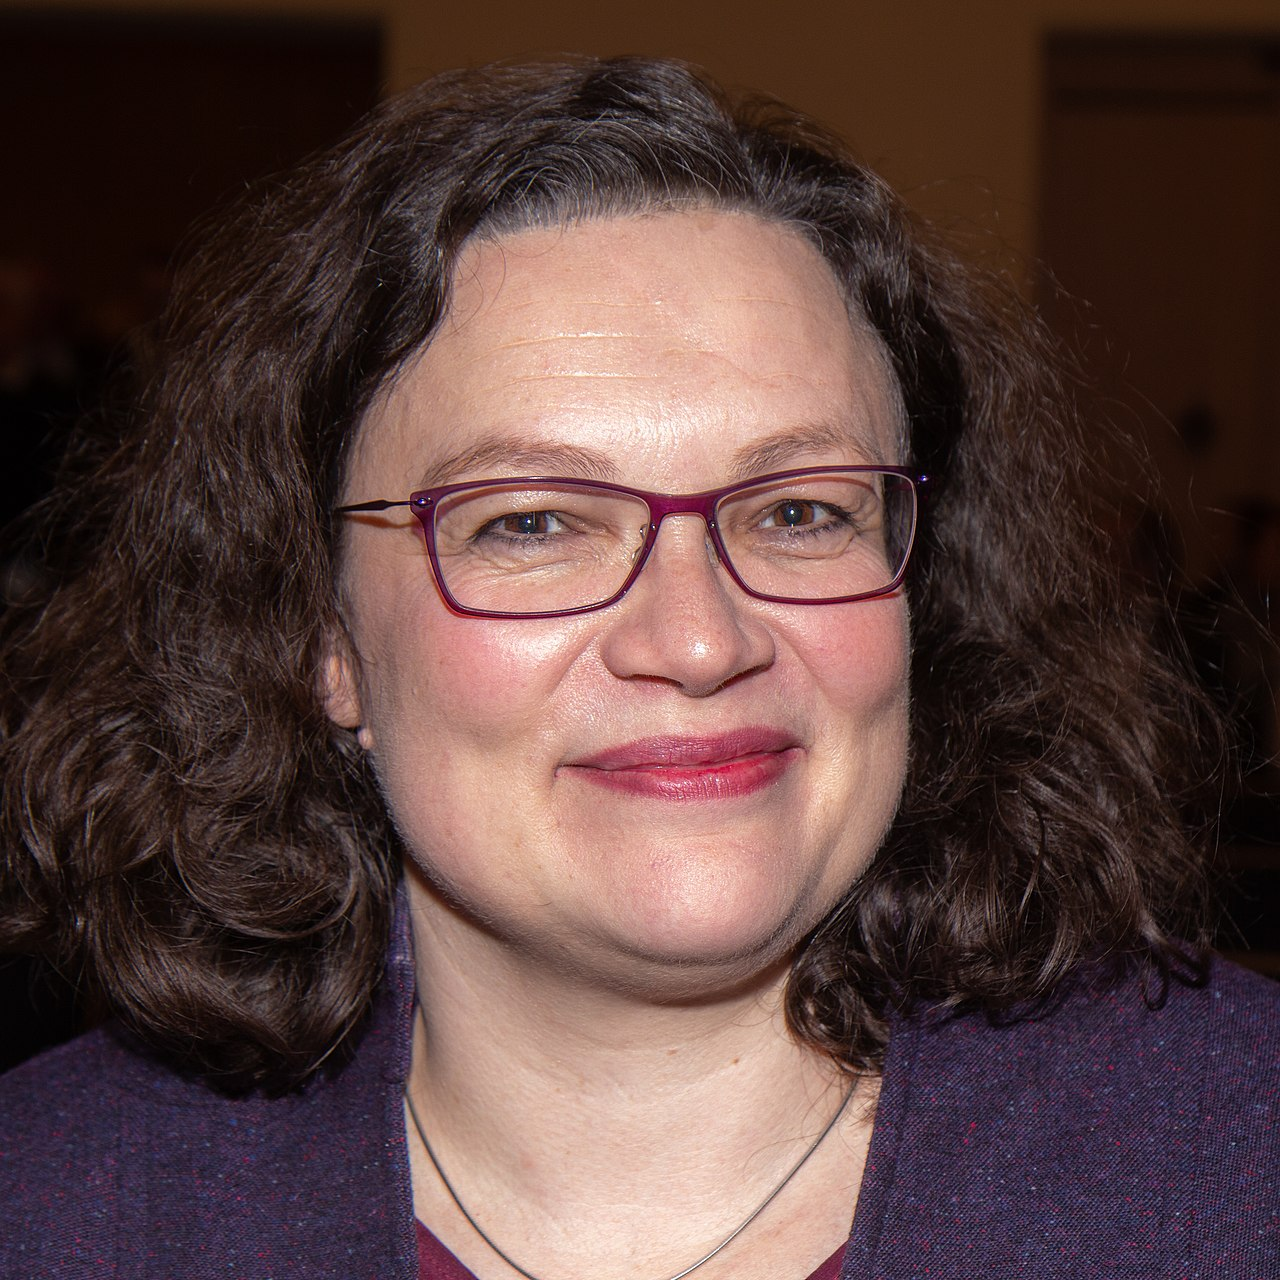 Andrea Nahles (2019)Olaf Kosinsky • CC BY-SA 3.0